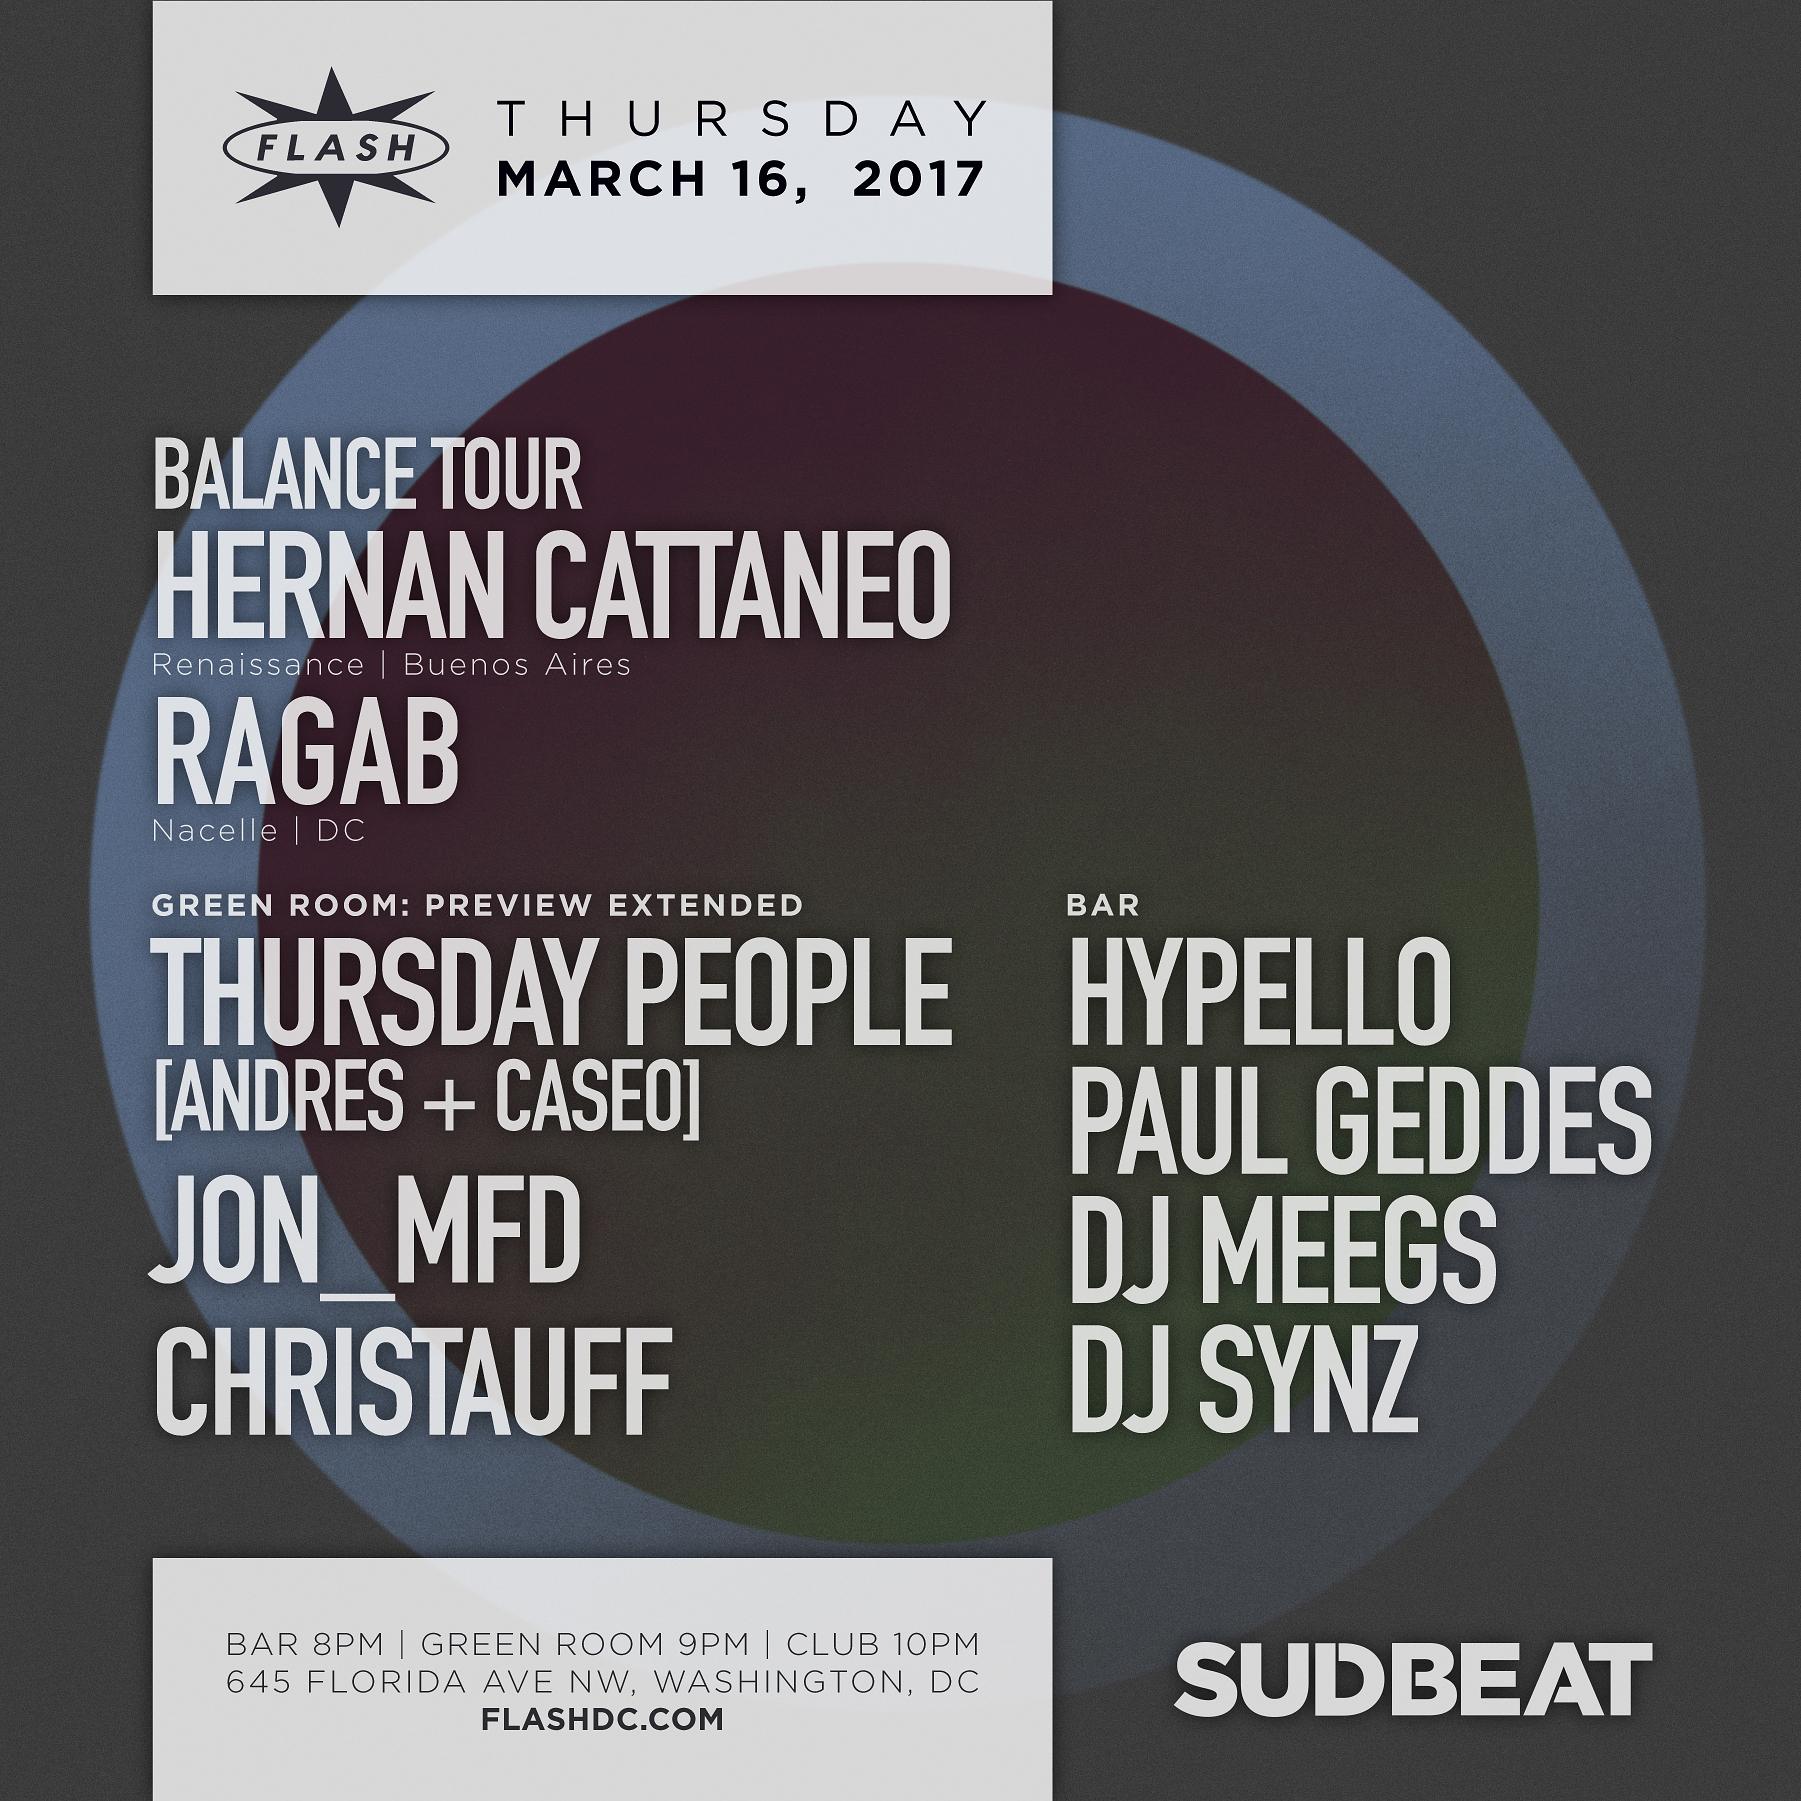 Hernan Cattaneo event thumbnail